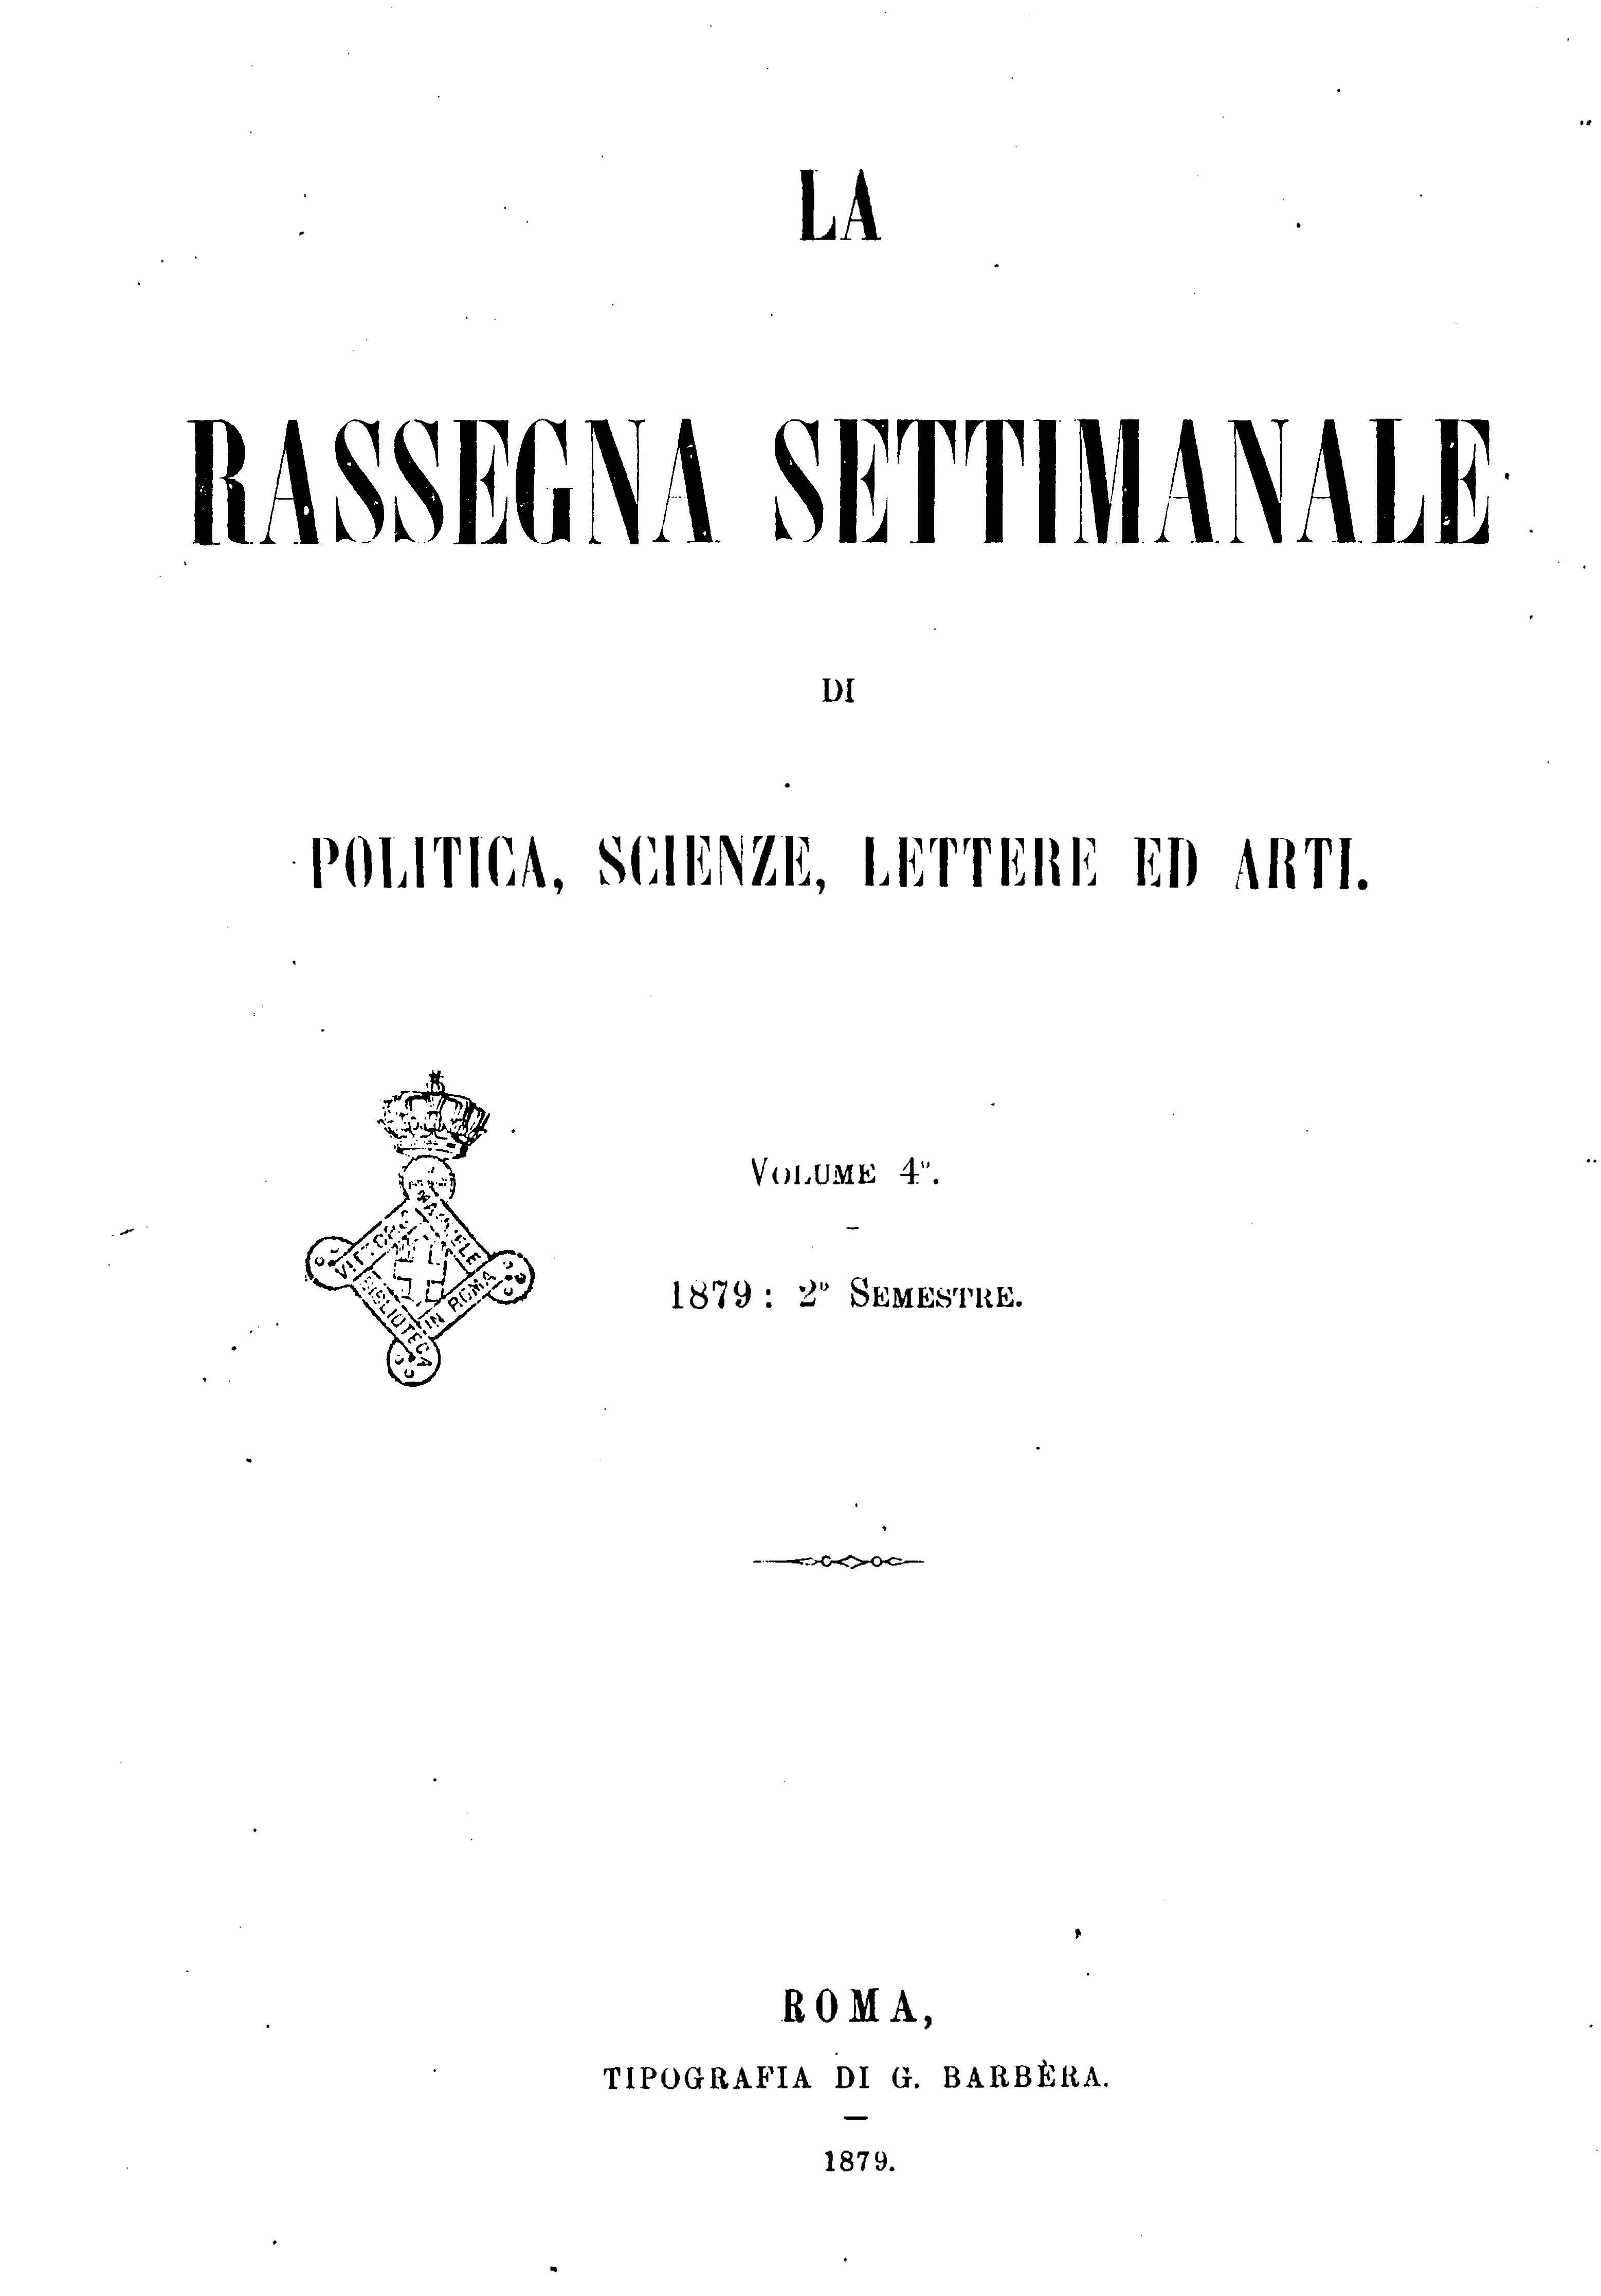 Fascicolo 100 - Volume 4 - 1879 - Semestre 2 - Trimestre 2